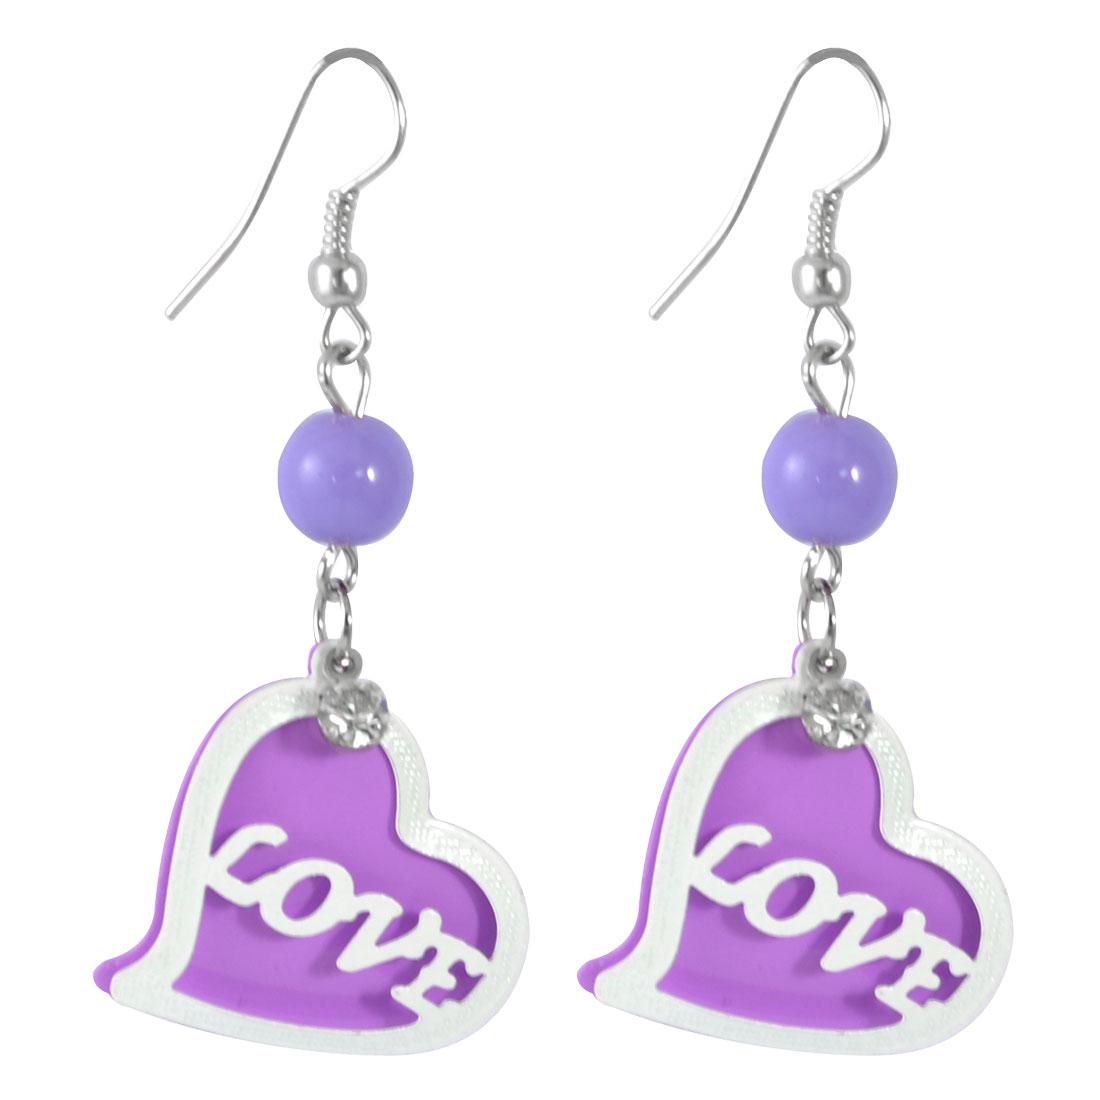 Woman Rhinestone Accent Purple White Heart Pendant Hook Earrings